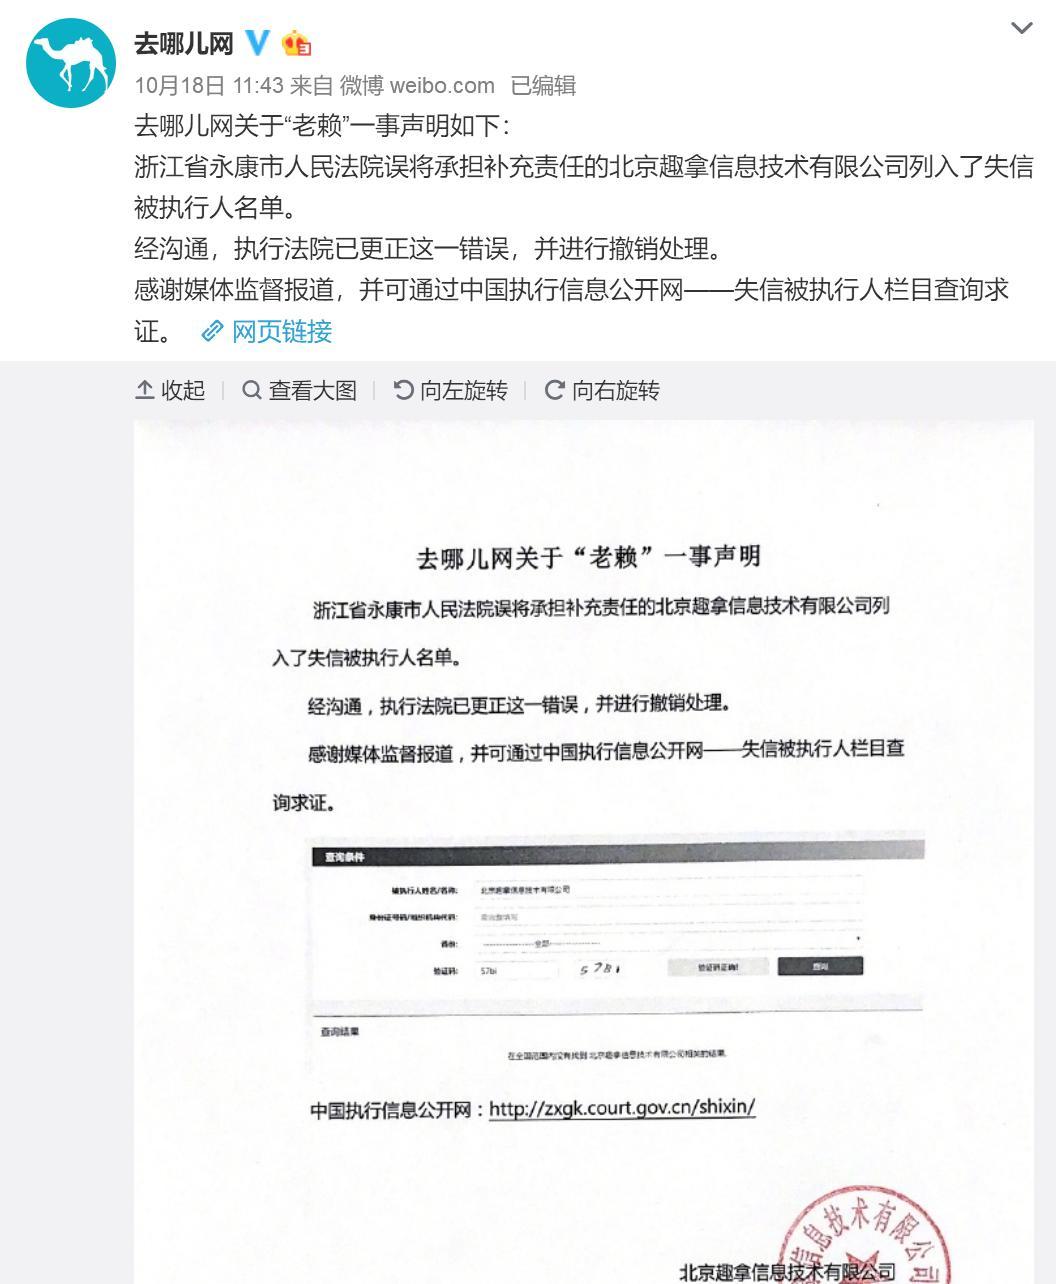 http://www.7loves.org/jiankang/1204630.html